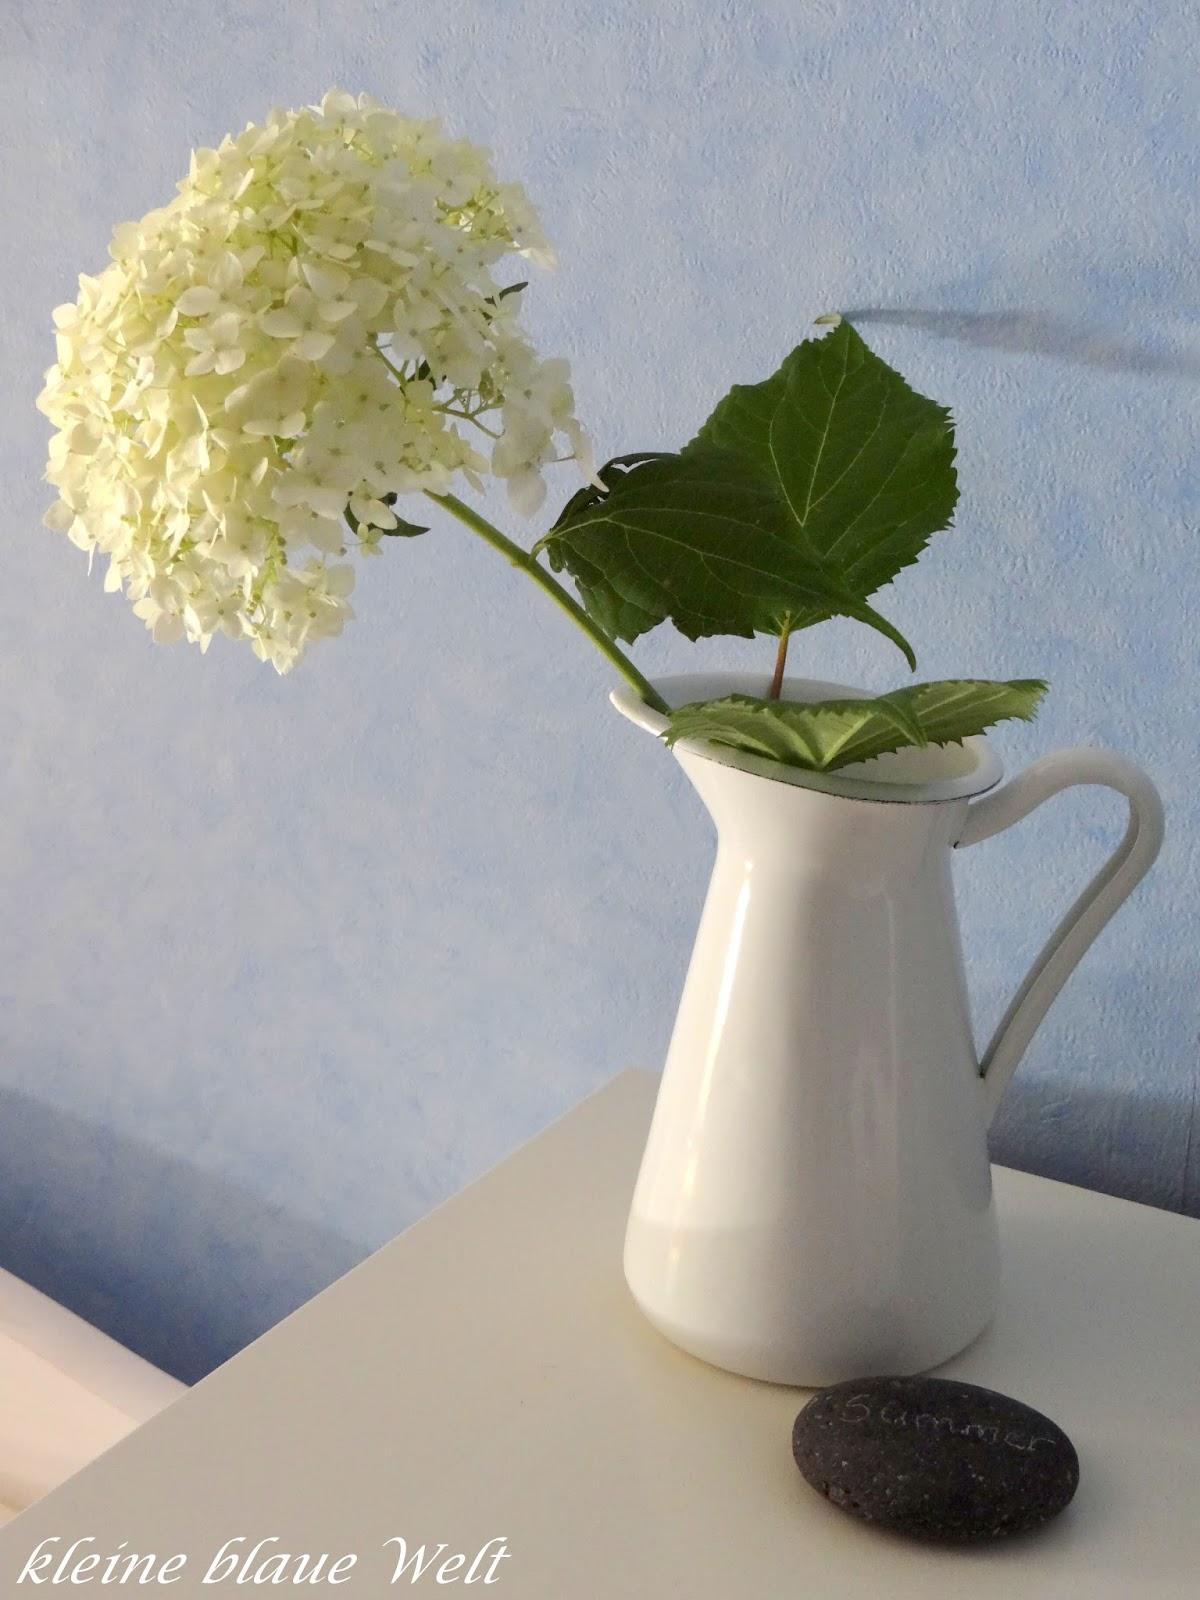 kleine blaue welt friday flowerday 32. Black Bedroom Furniture Sets. Home Design Ideas